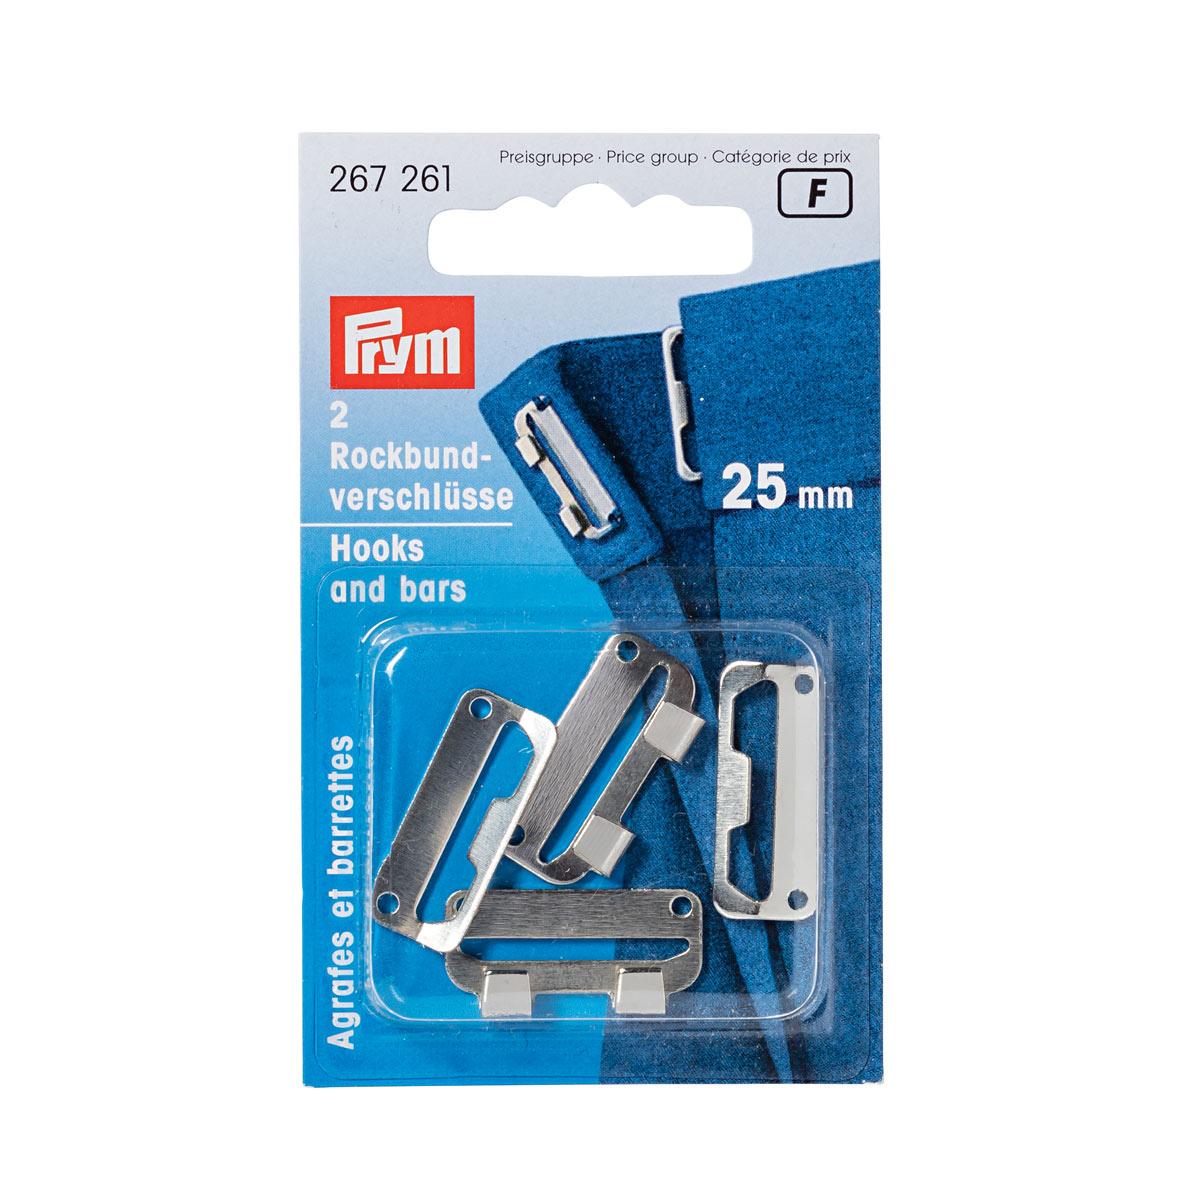 267261 Застежки для пояса (сталь) серебристый цв. 25 мм Prym